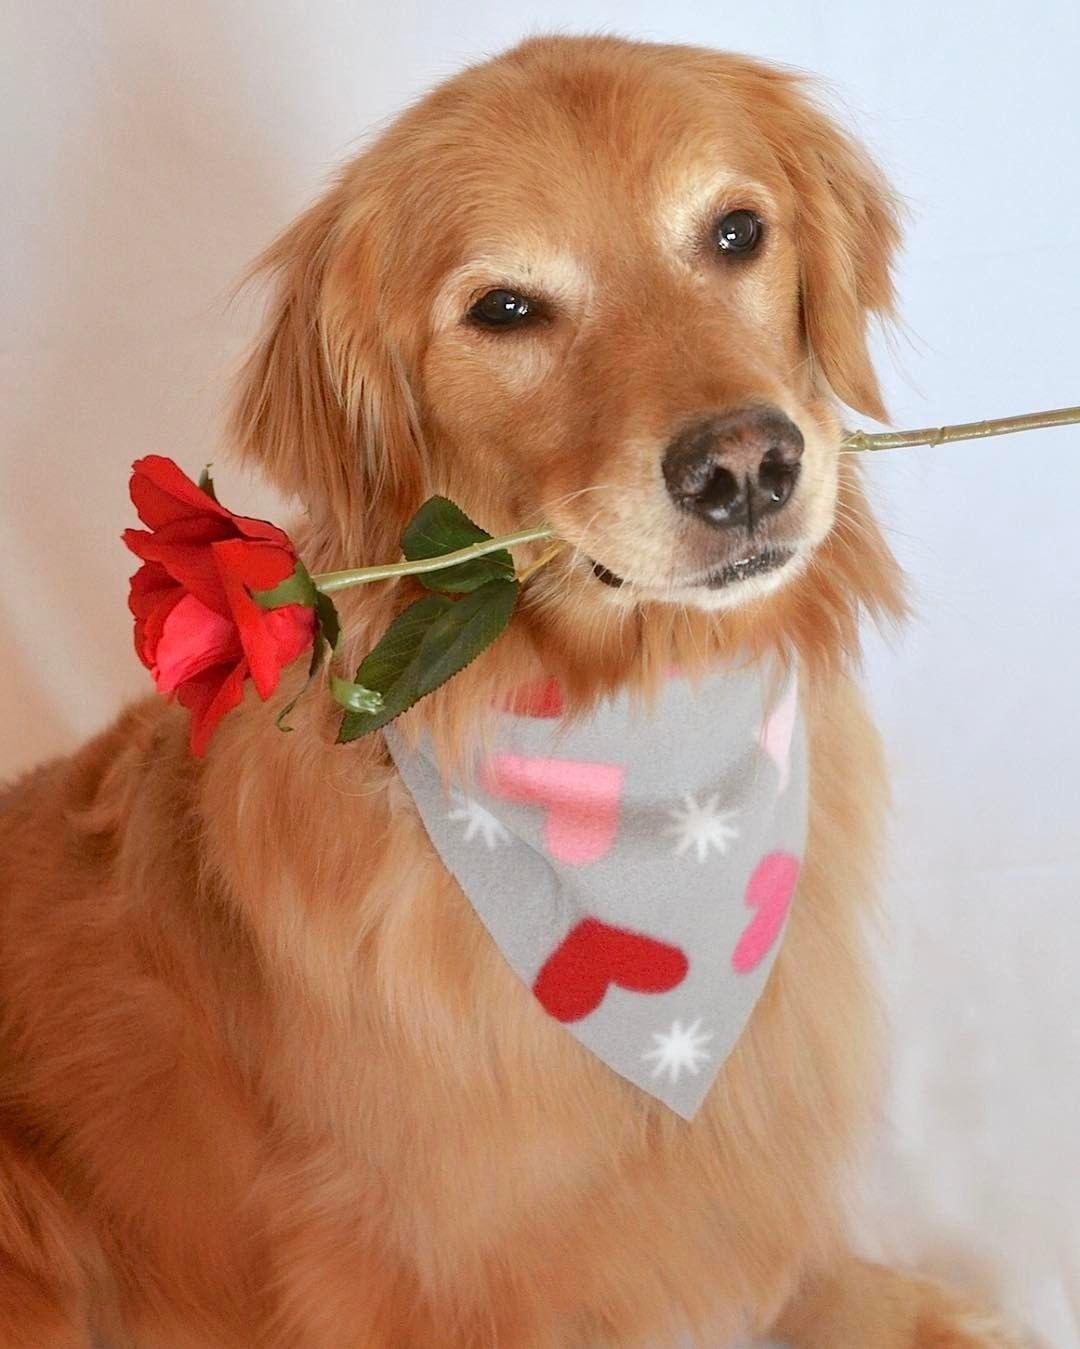 найдете все картинка собачка с цветком в зубах этом даже